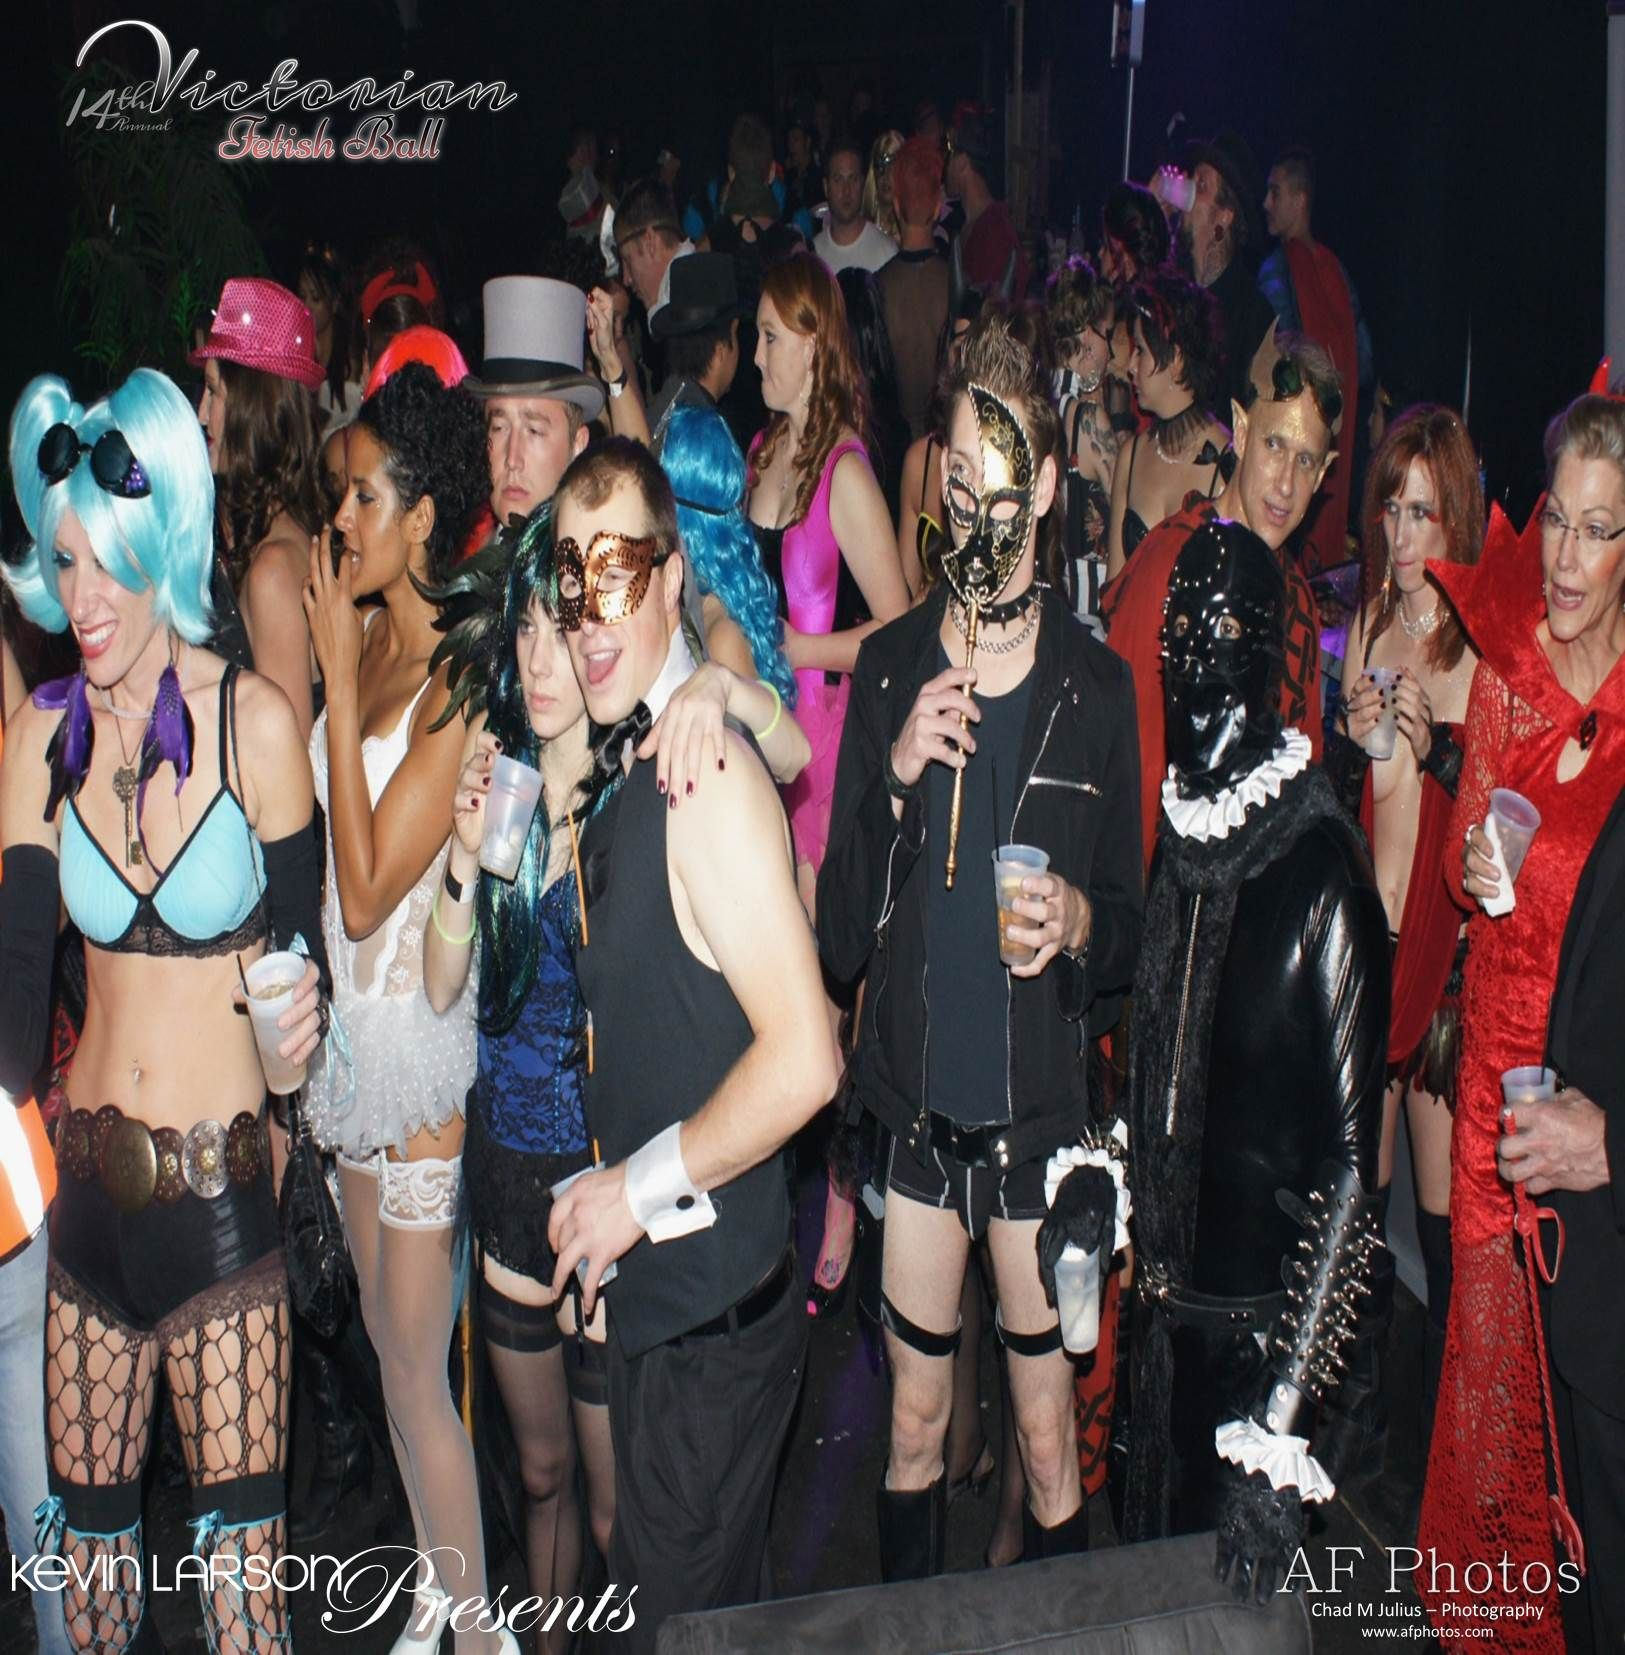 Denver fetish events foto 67